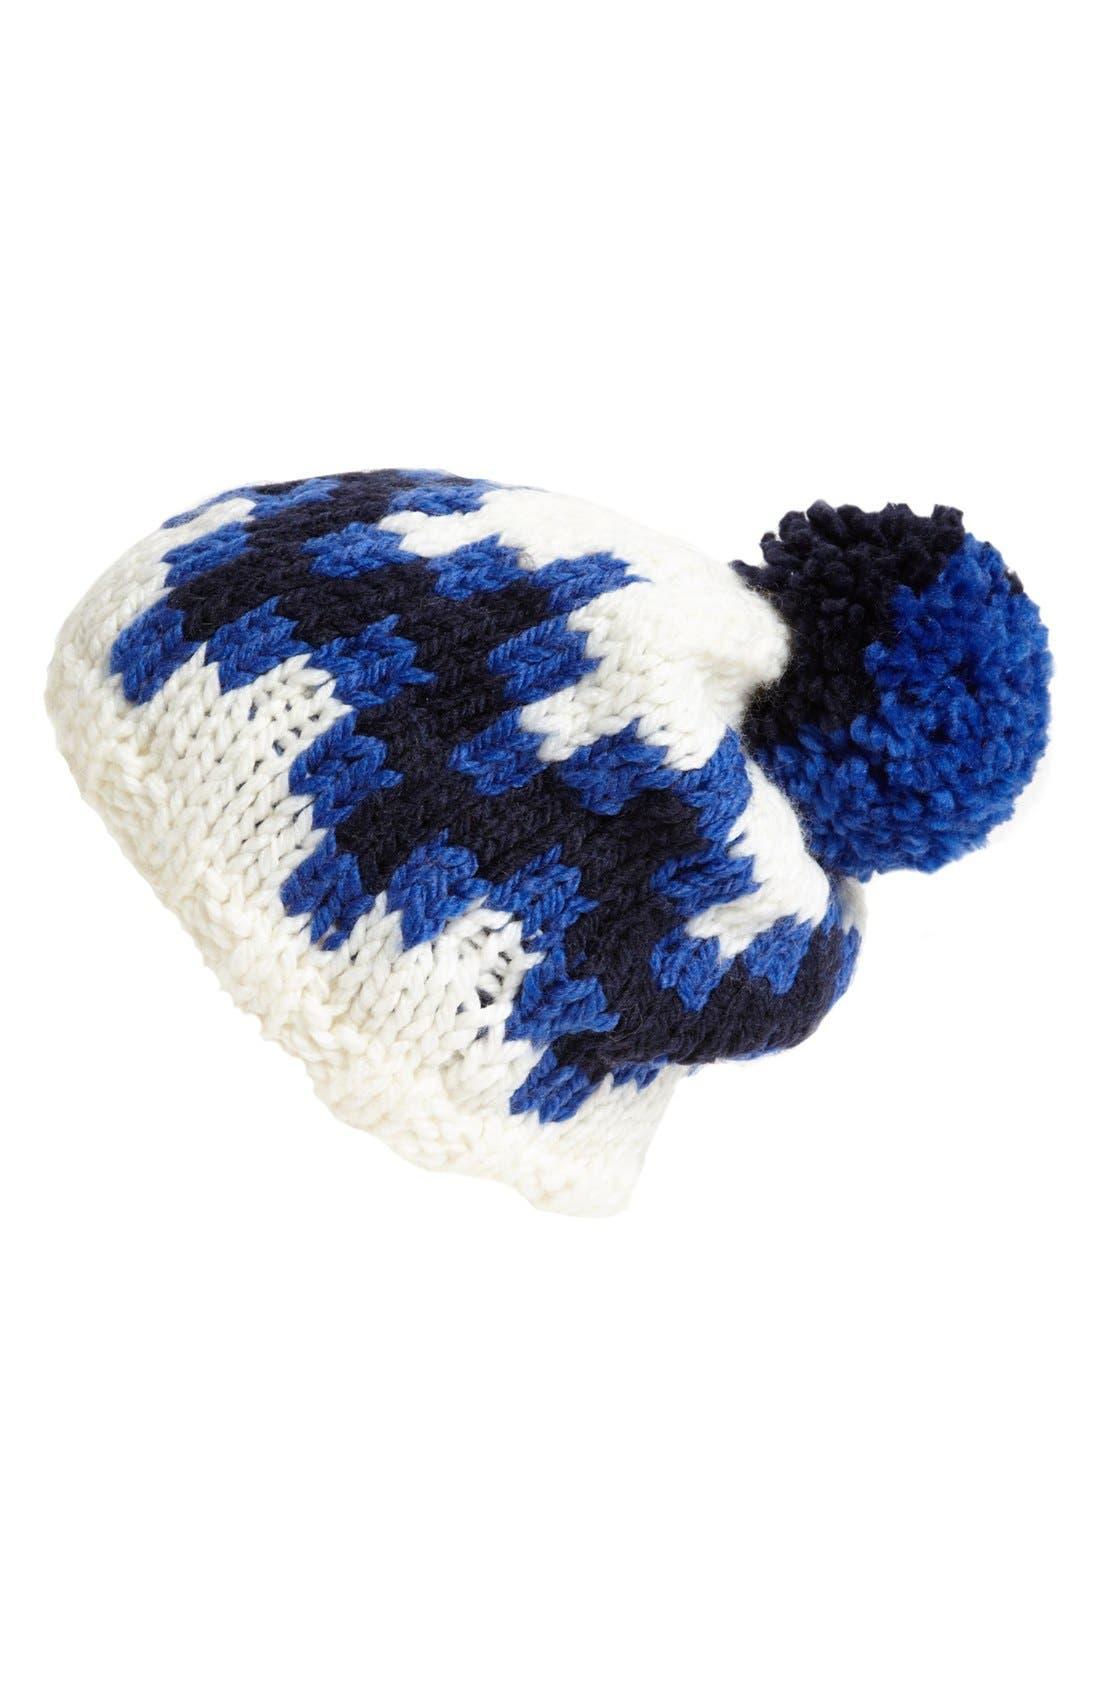 Alternate Image 1 Selected - Jonathan Adler 'Stepped Chevron' Intarsia Knit Ski Hat